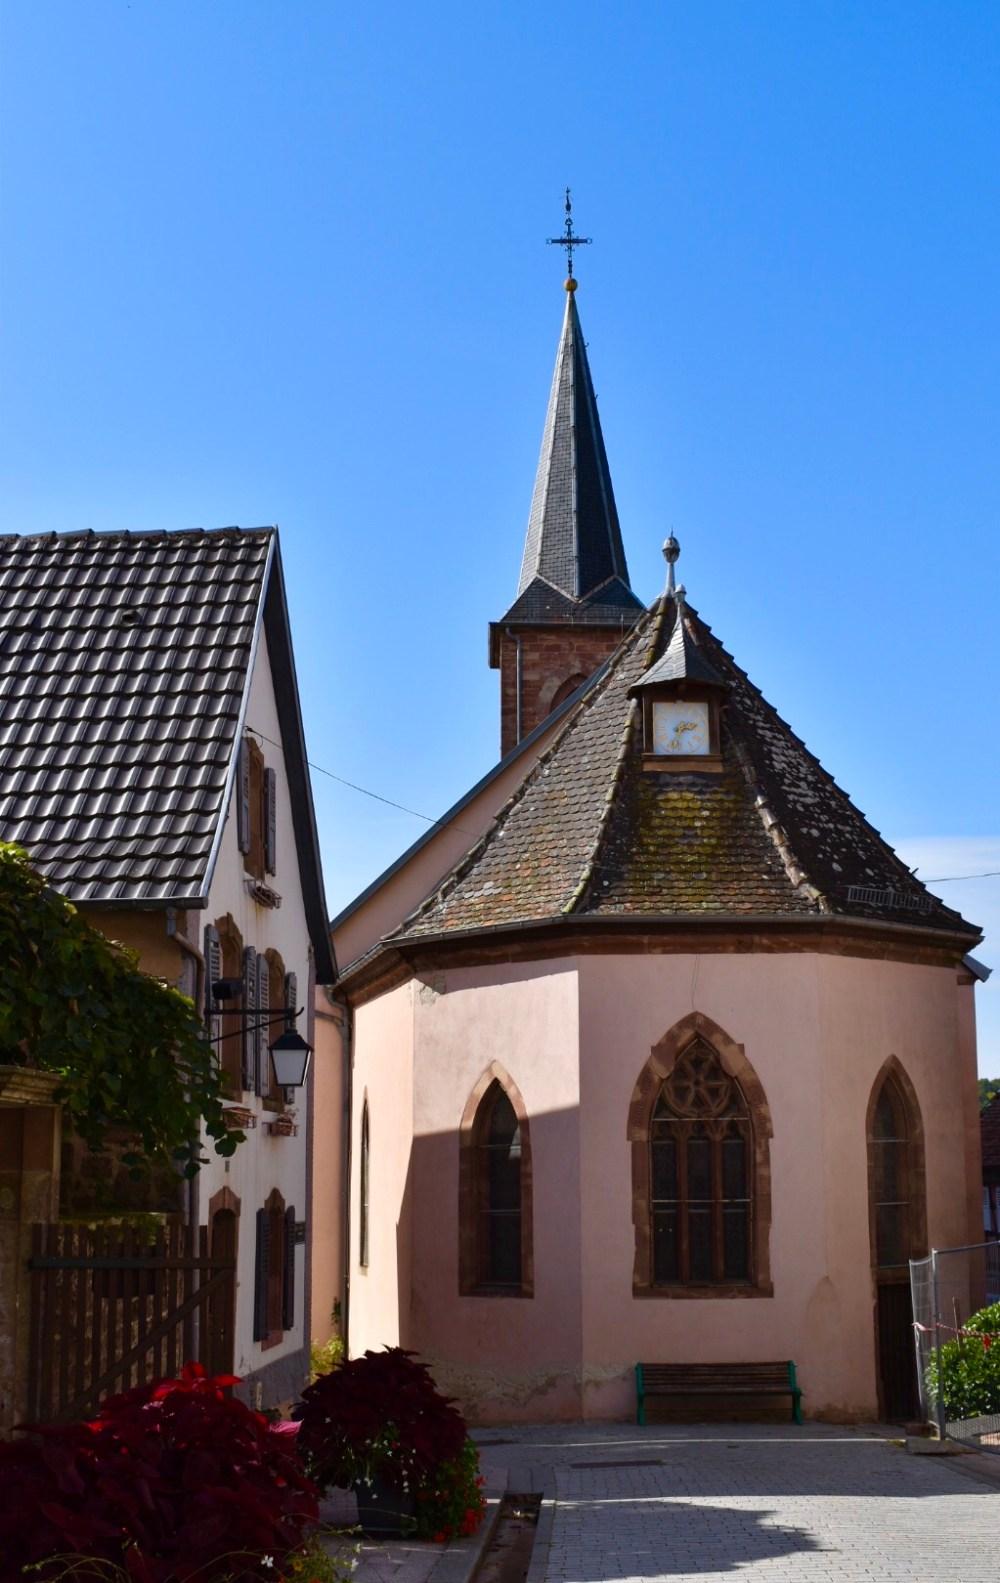 Kirchengebäude mit Turm